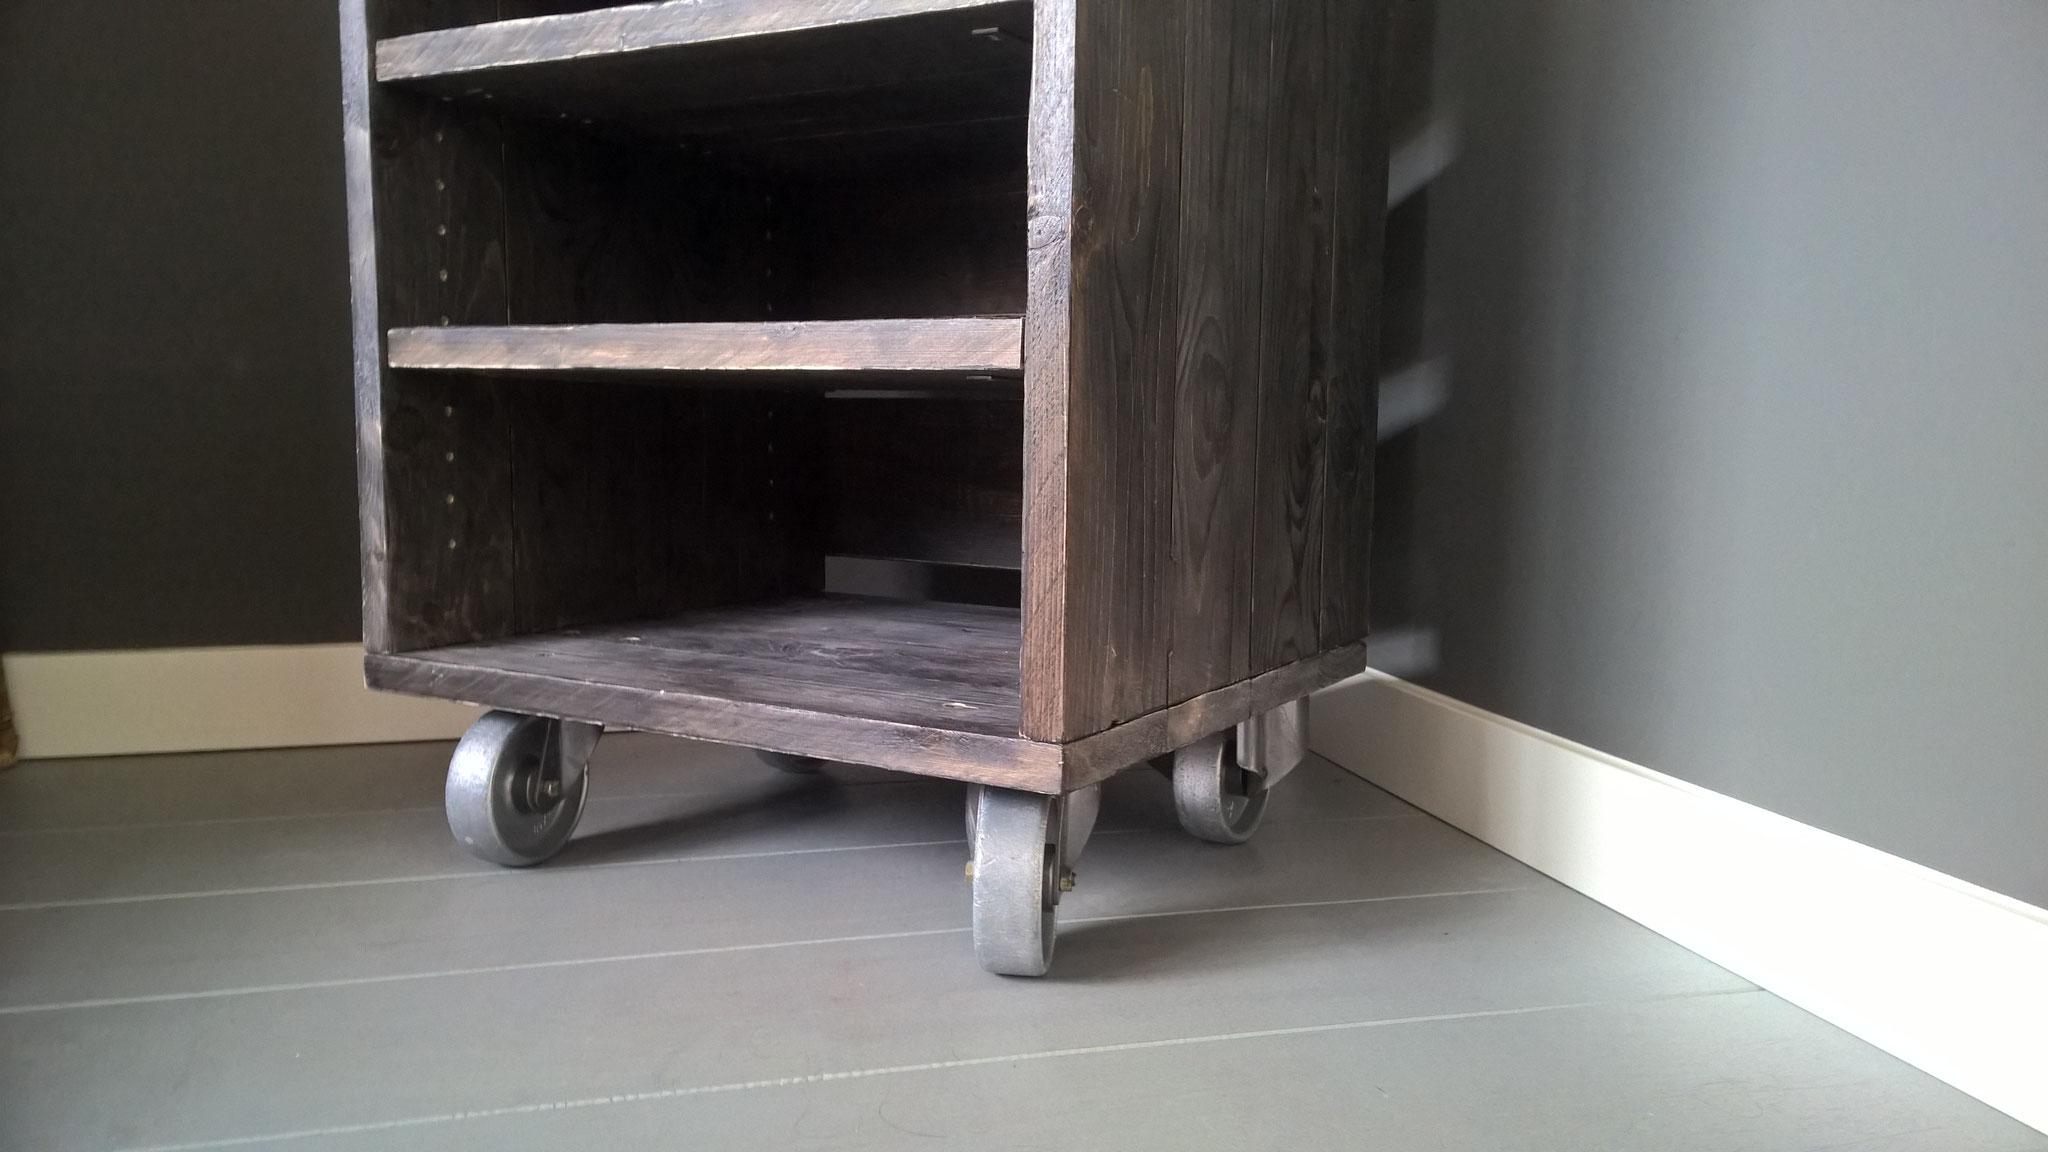 Tv audio meubel op wielen desalonfabriek maatwerk sloophouten meubels